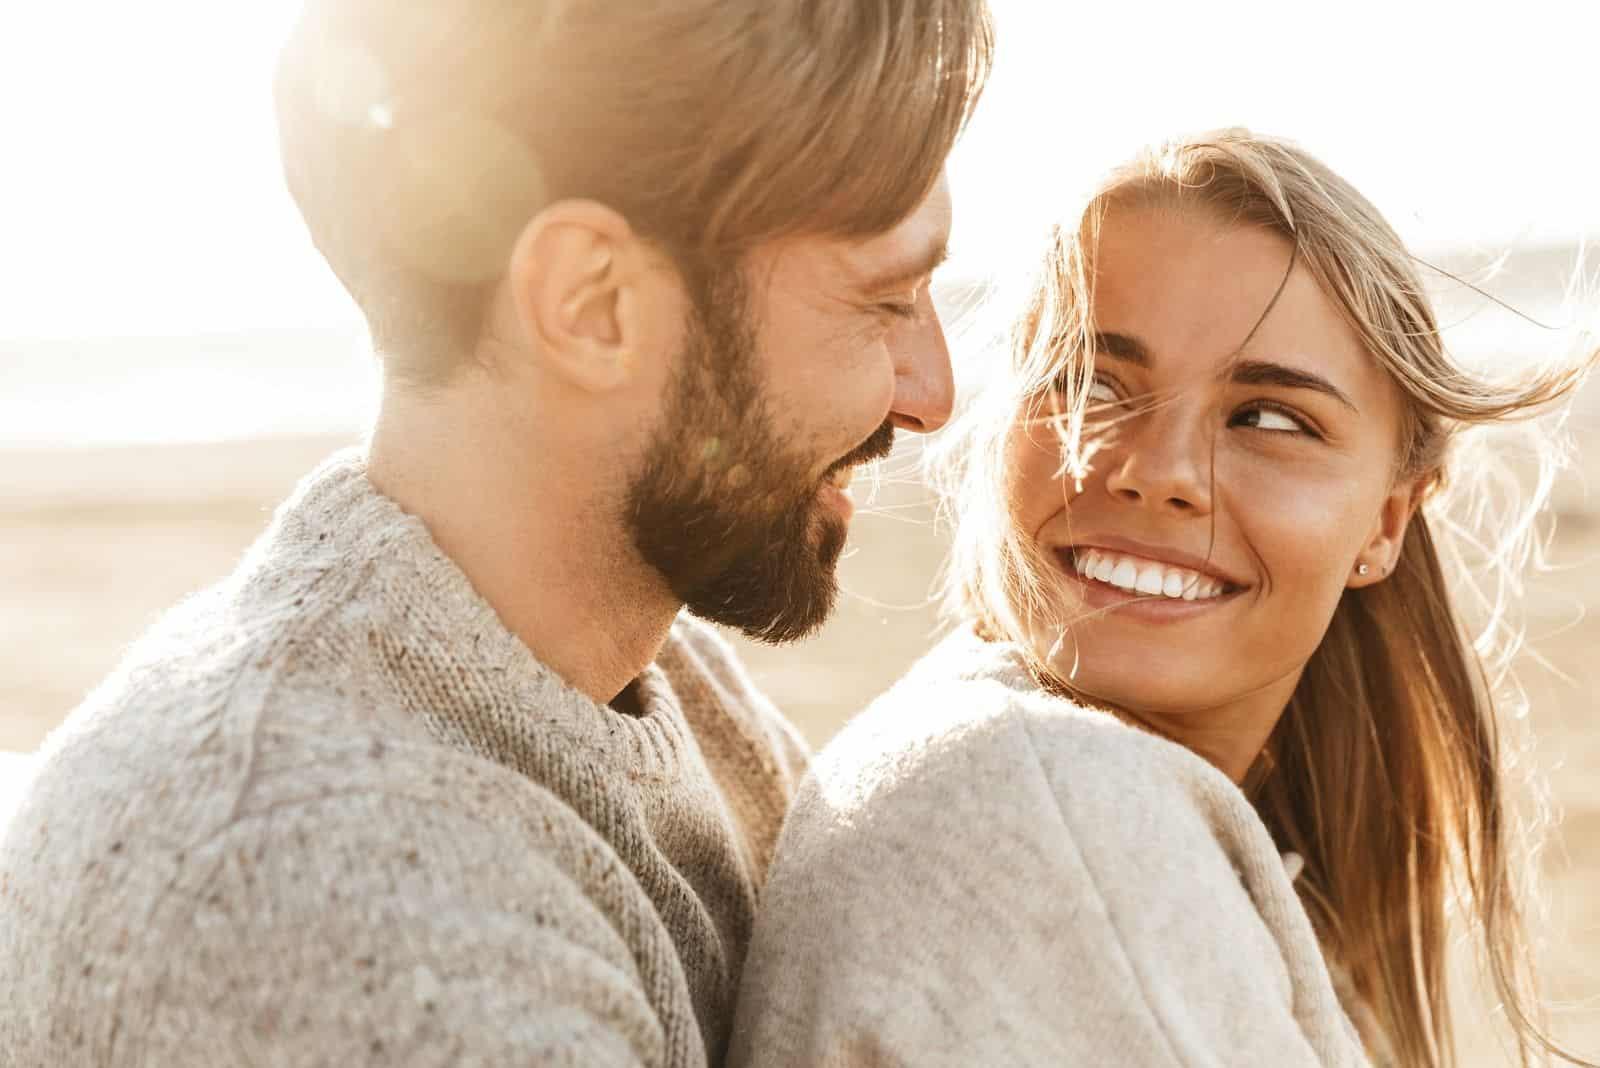 lächelndes schönes junges Paar Umarmung beim Stehen am Strand in Nahaufnahme